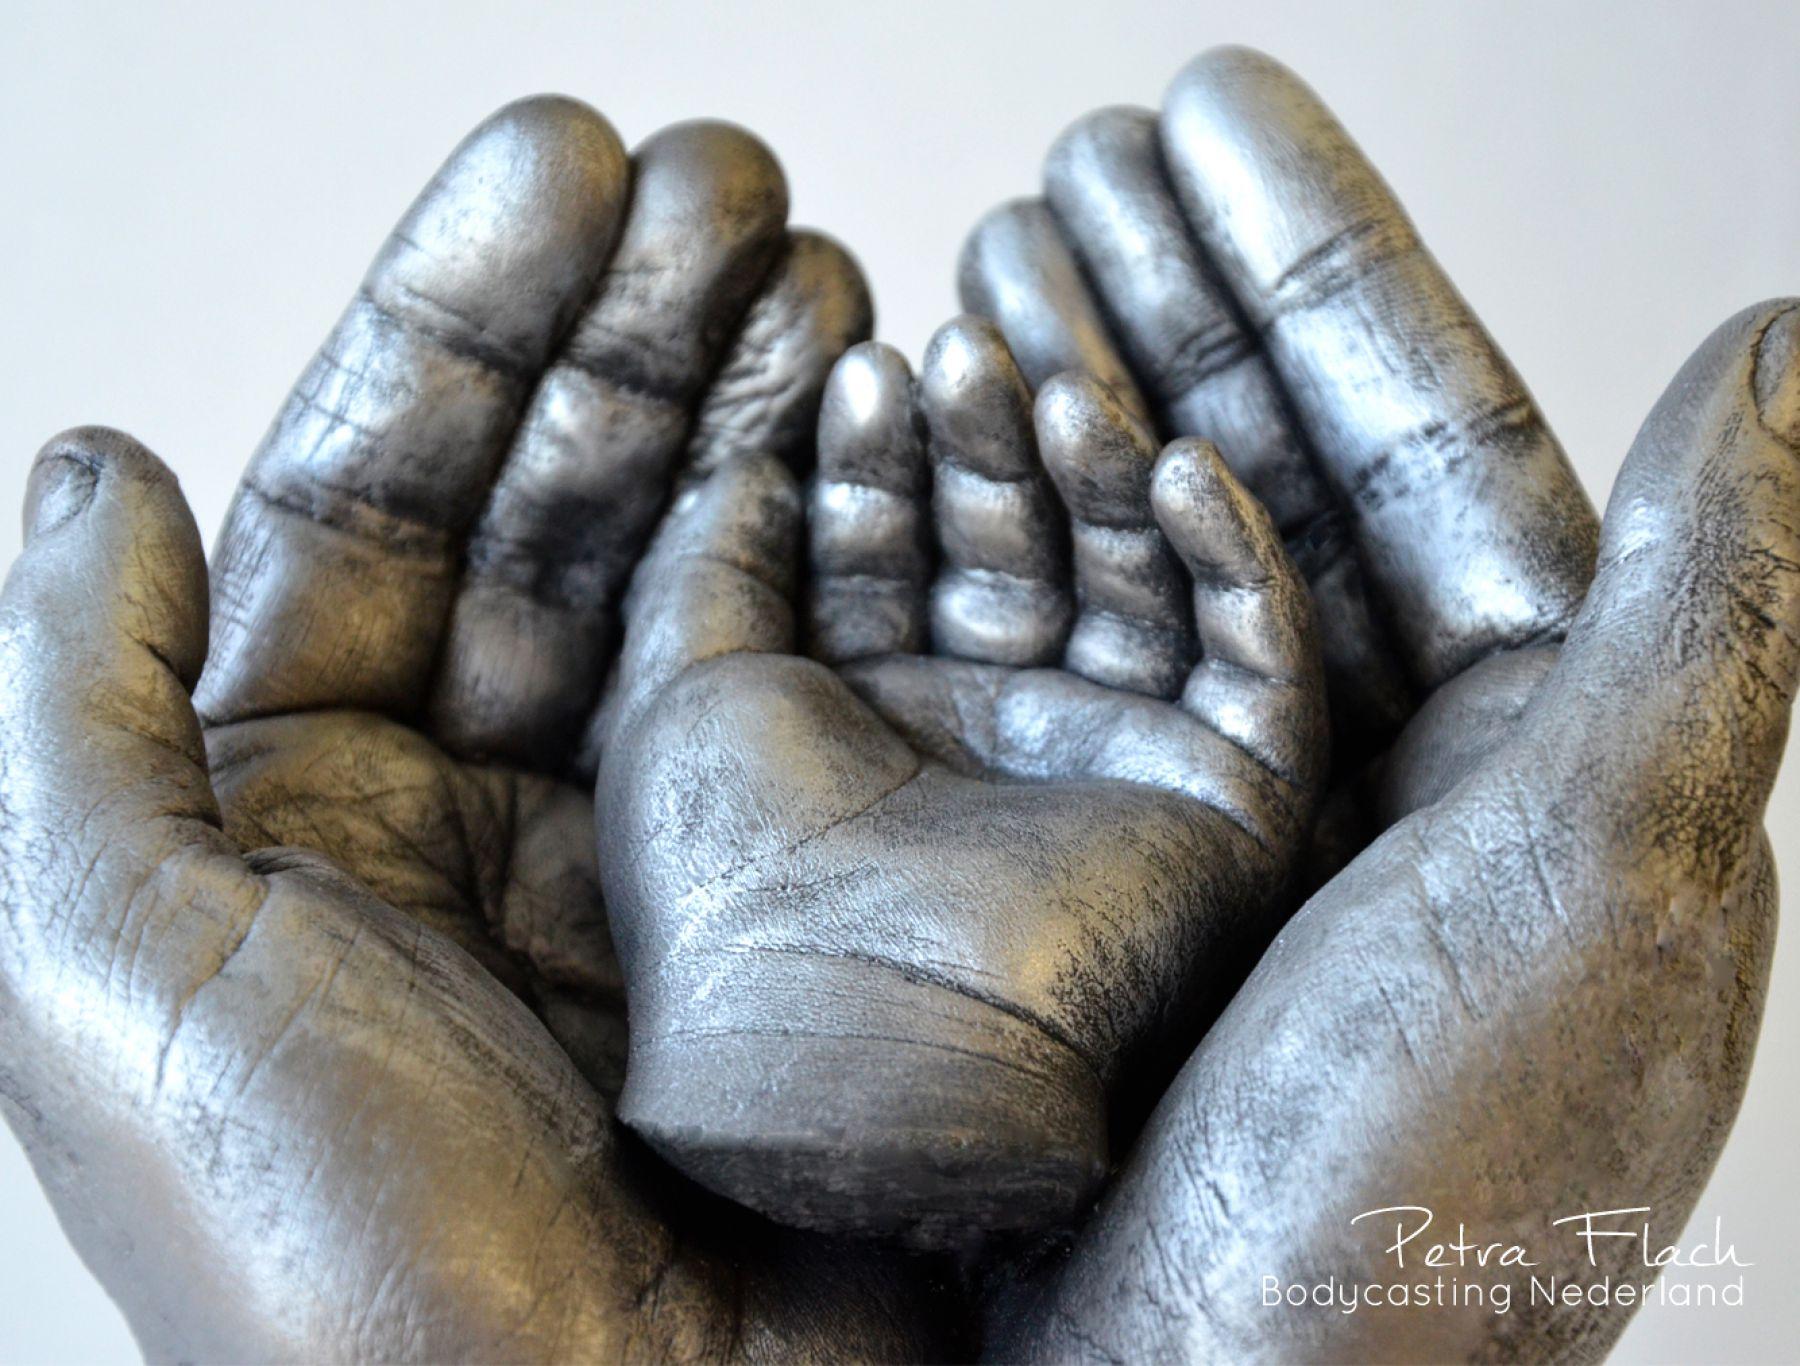 Bodycasting-lifecasting-3D-handen-hands-parents-ouders-beeld-petraflach-reeuwijk-bodycastingnederland-handbeeld-handenkunst-gipsbeeld-handafdruk-gips-hars